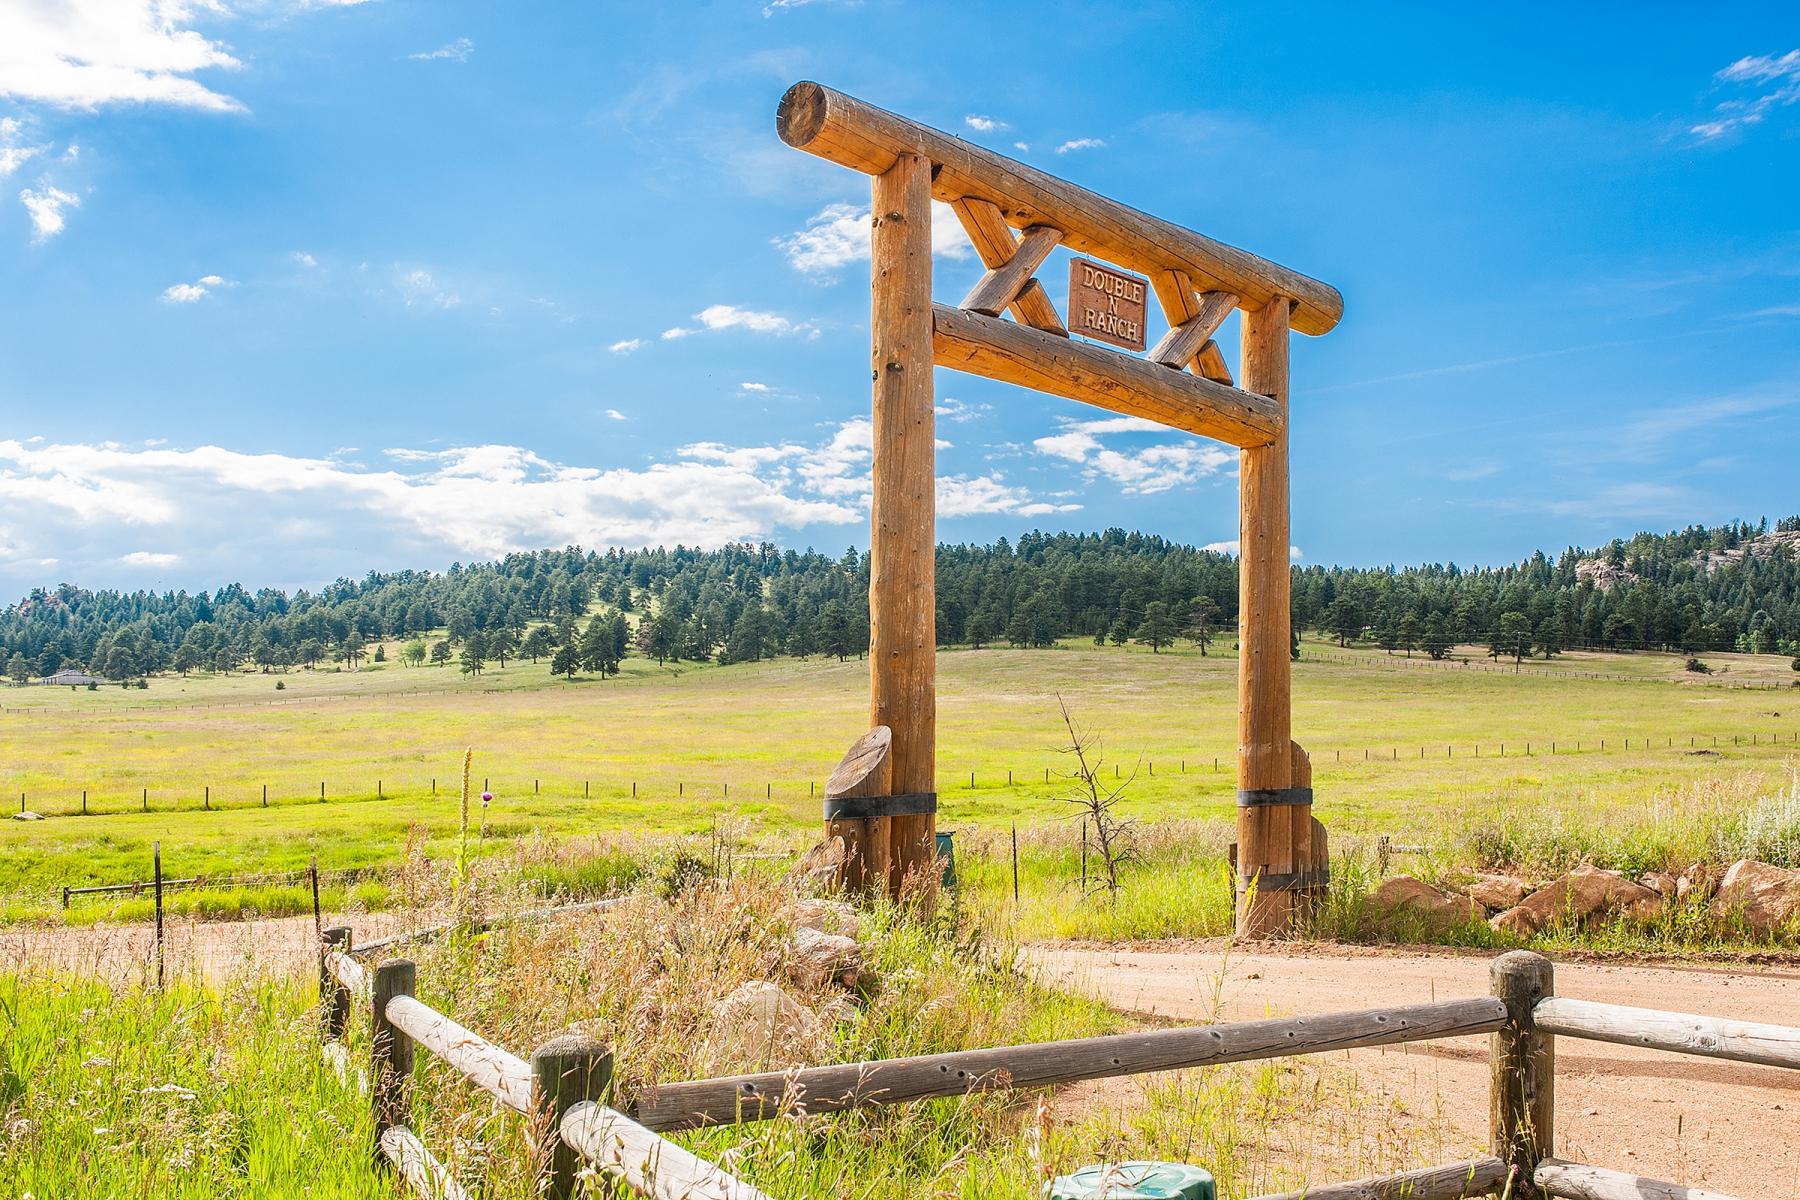 Terreno para Venda às Double N Ranch 33391 Buffalo Park Road Evergreen, Colorado, 80439 Estados Unidos